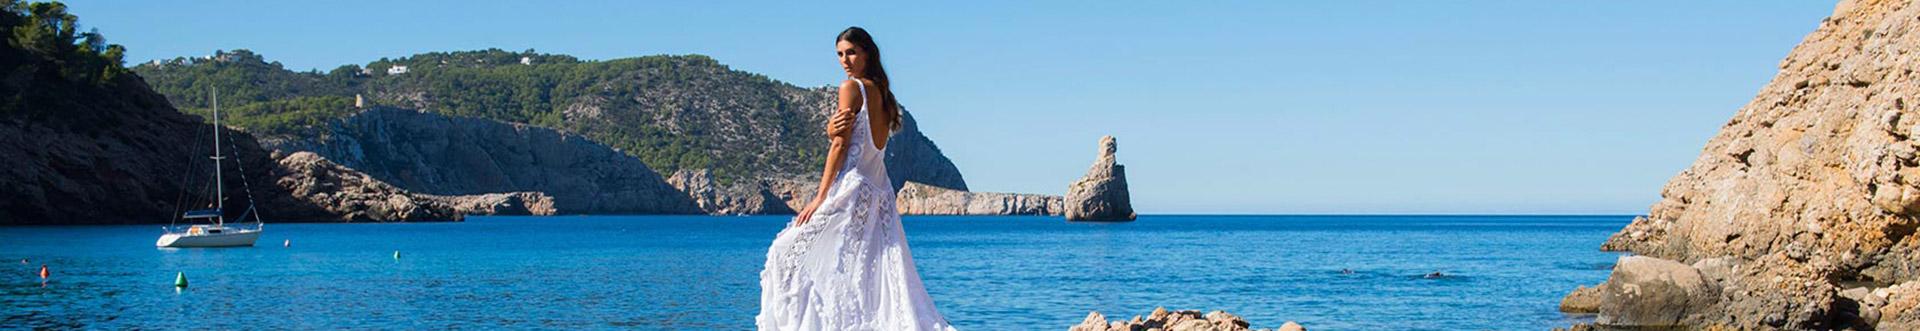 Adlib Moda Ibiza - Ibiza Travel